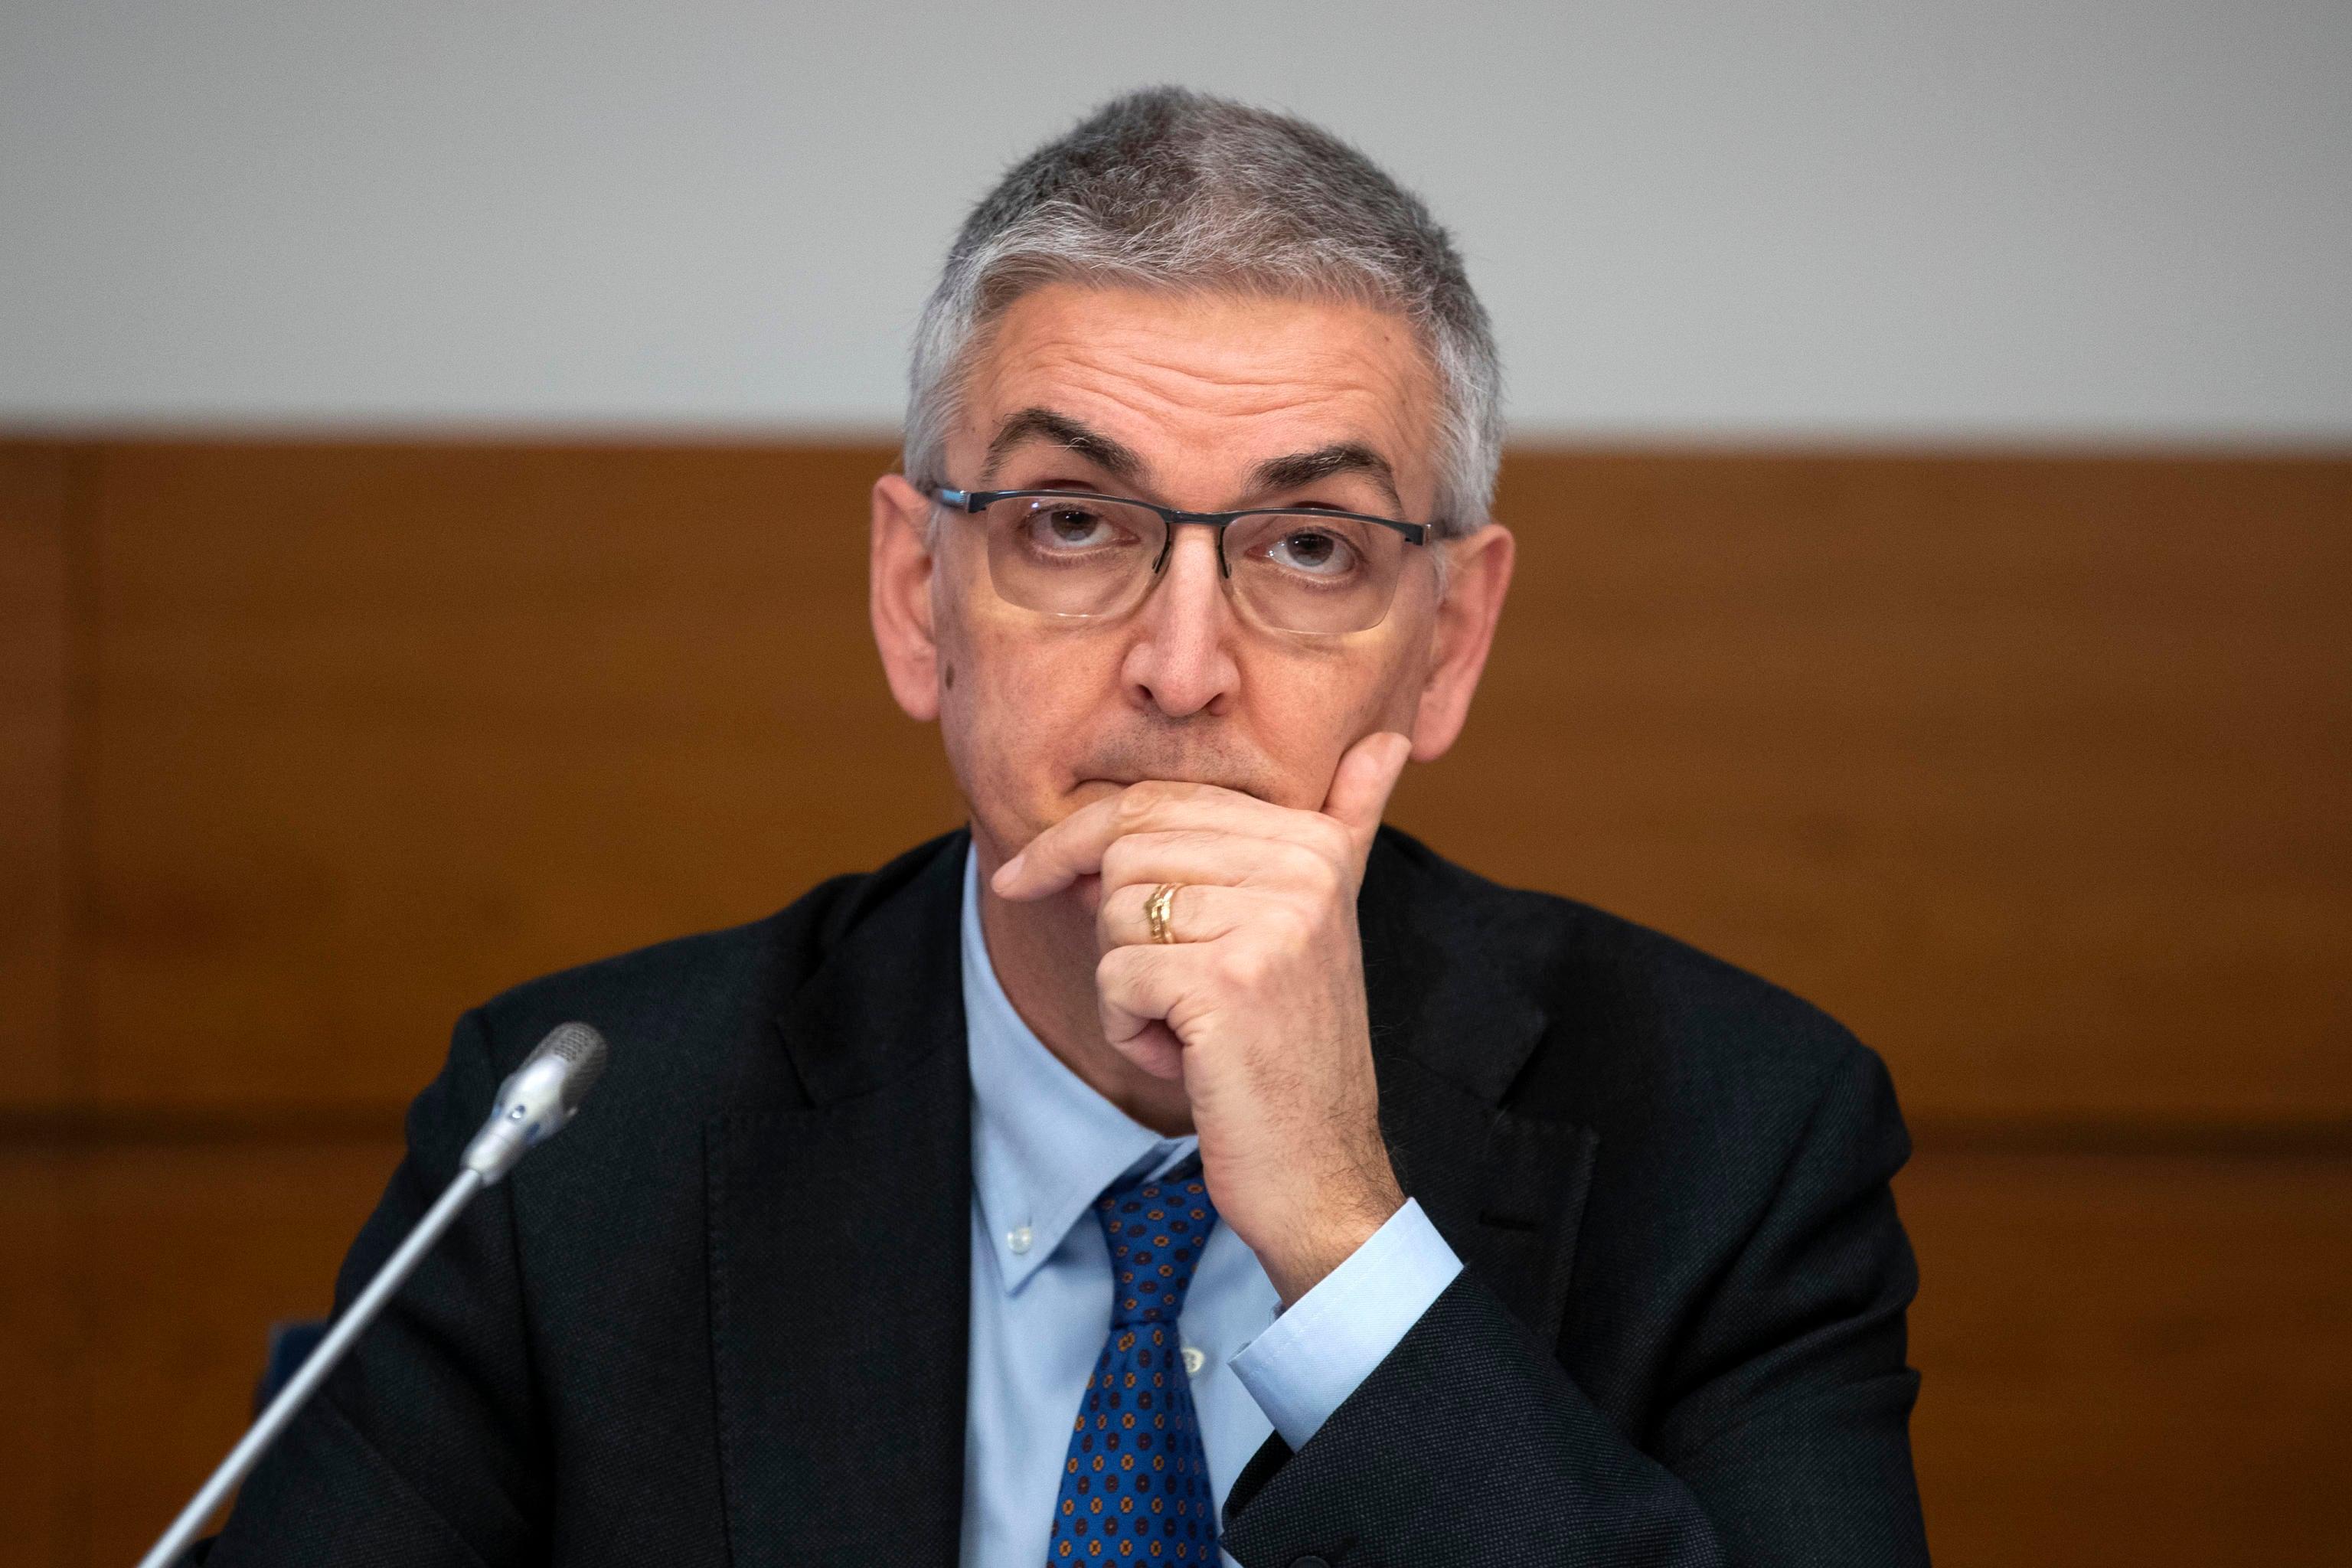 Silvio Brusaferro dell'Iss risponde ai giornalisti in conferenza stampa alla Protezione civile, Roma, 7 marzo 2020. ANSA/MASSIMO PERCOSSI